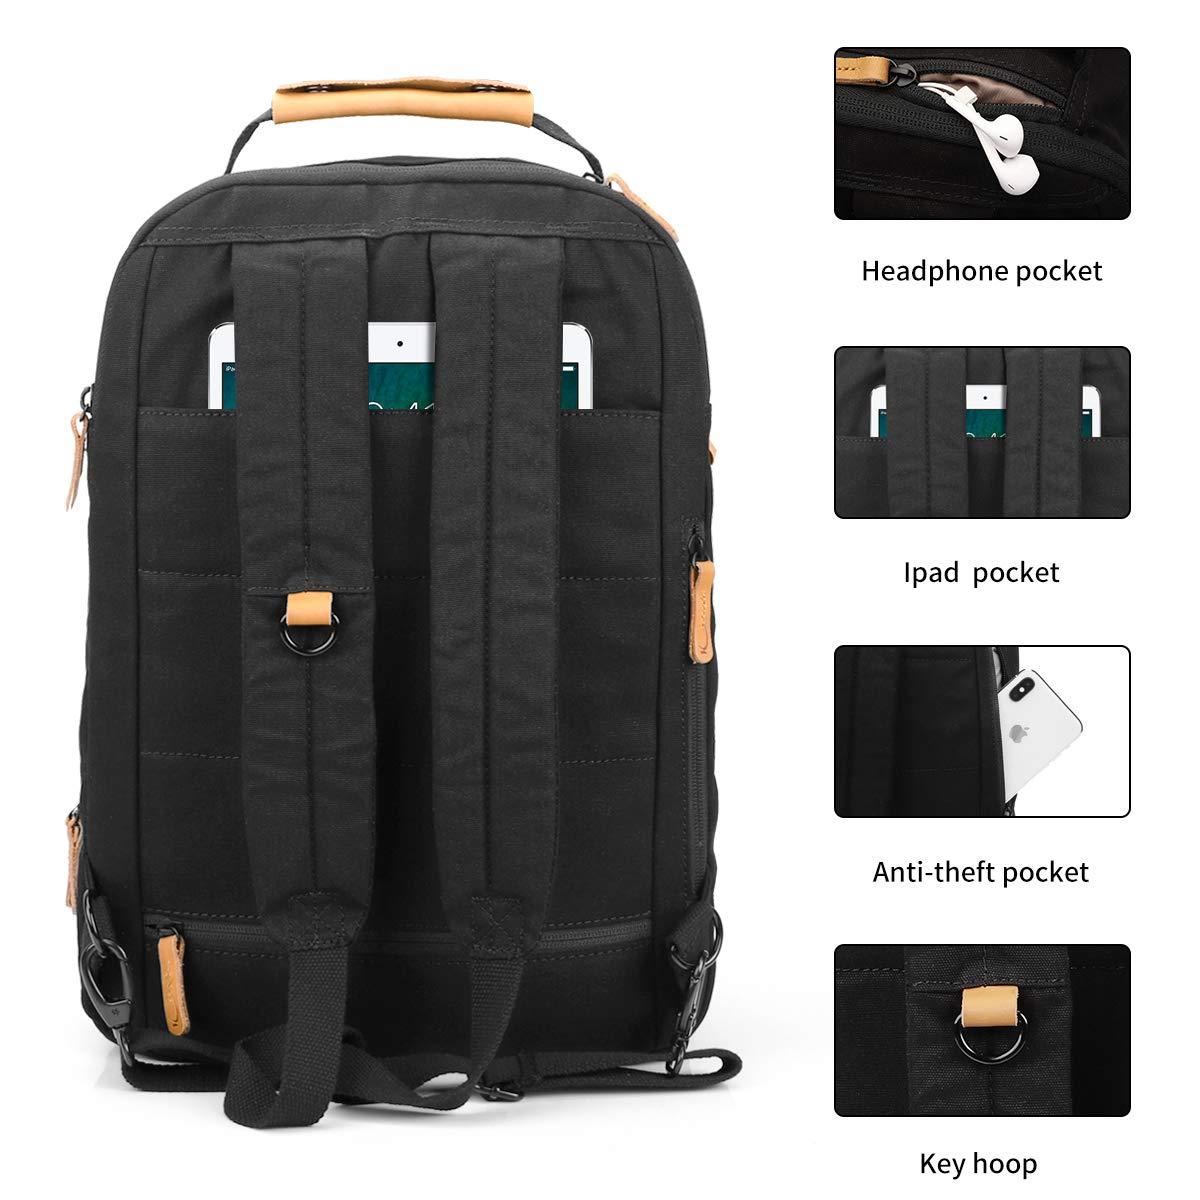 Keenston Laptop Rucksack 15,6 Zoll Baumwoll Schulrucksack Wasserabweisenden Multifunktionsrucksack Tagesrucksack für Business Schule Reisen Schwarz